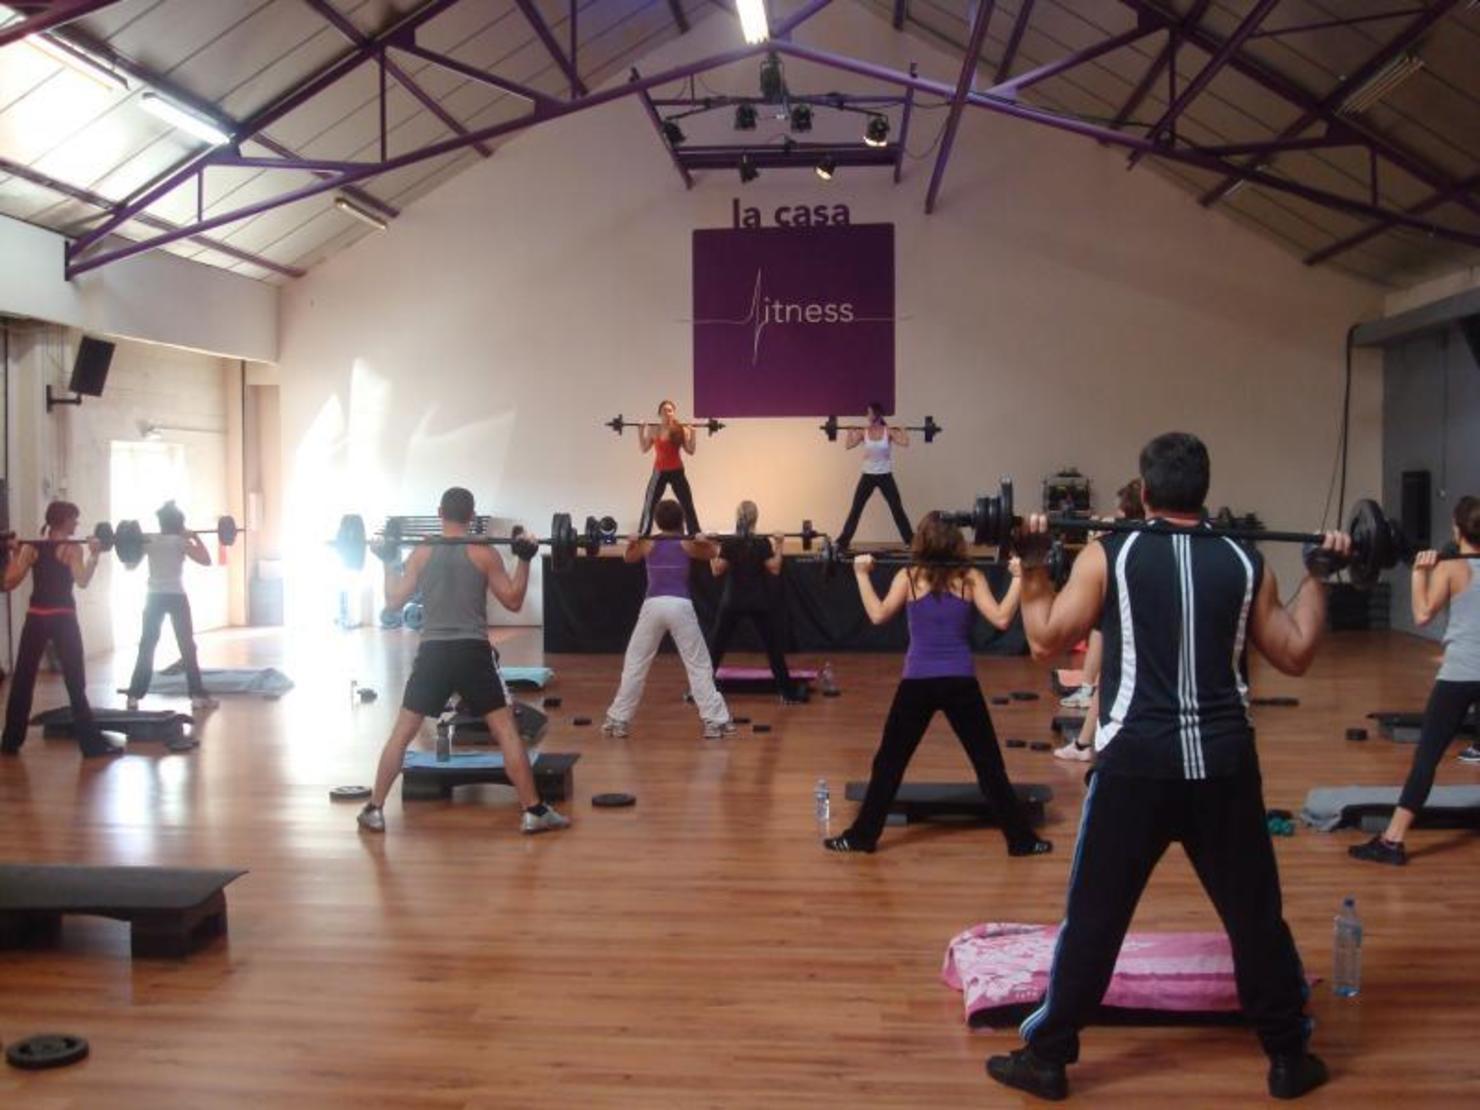 Aqua Fitness Plazza Aix en Provence